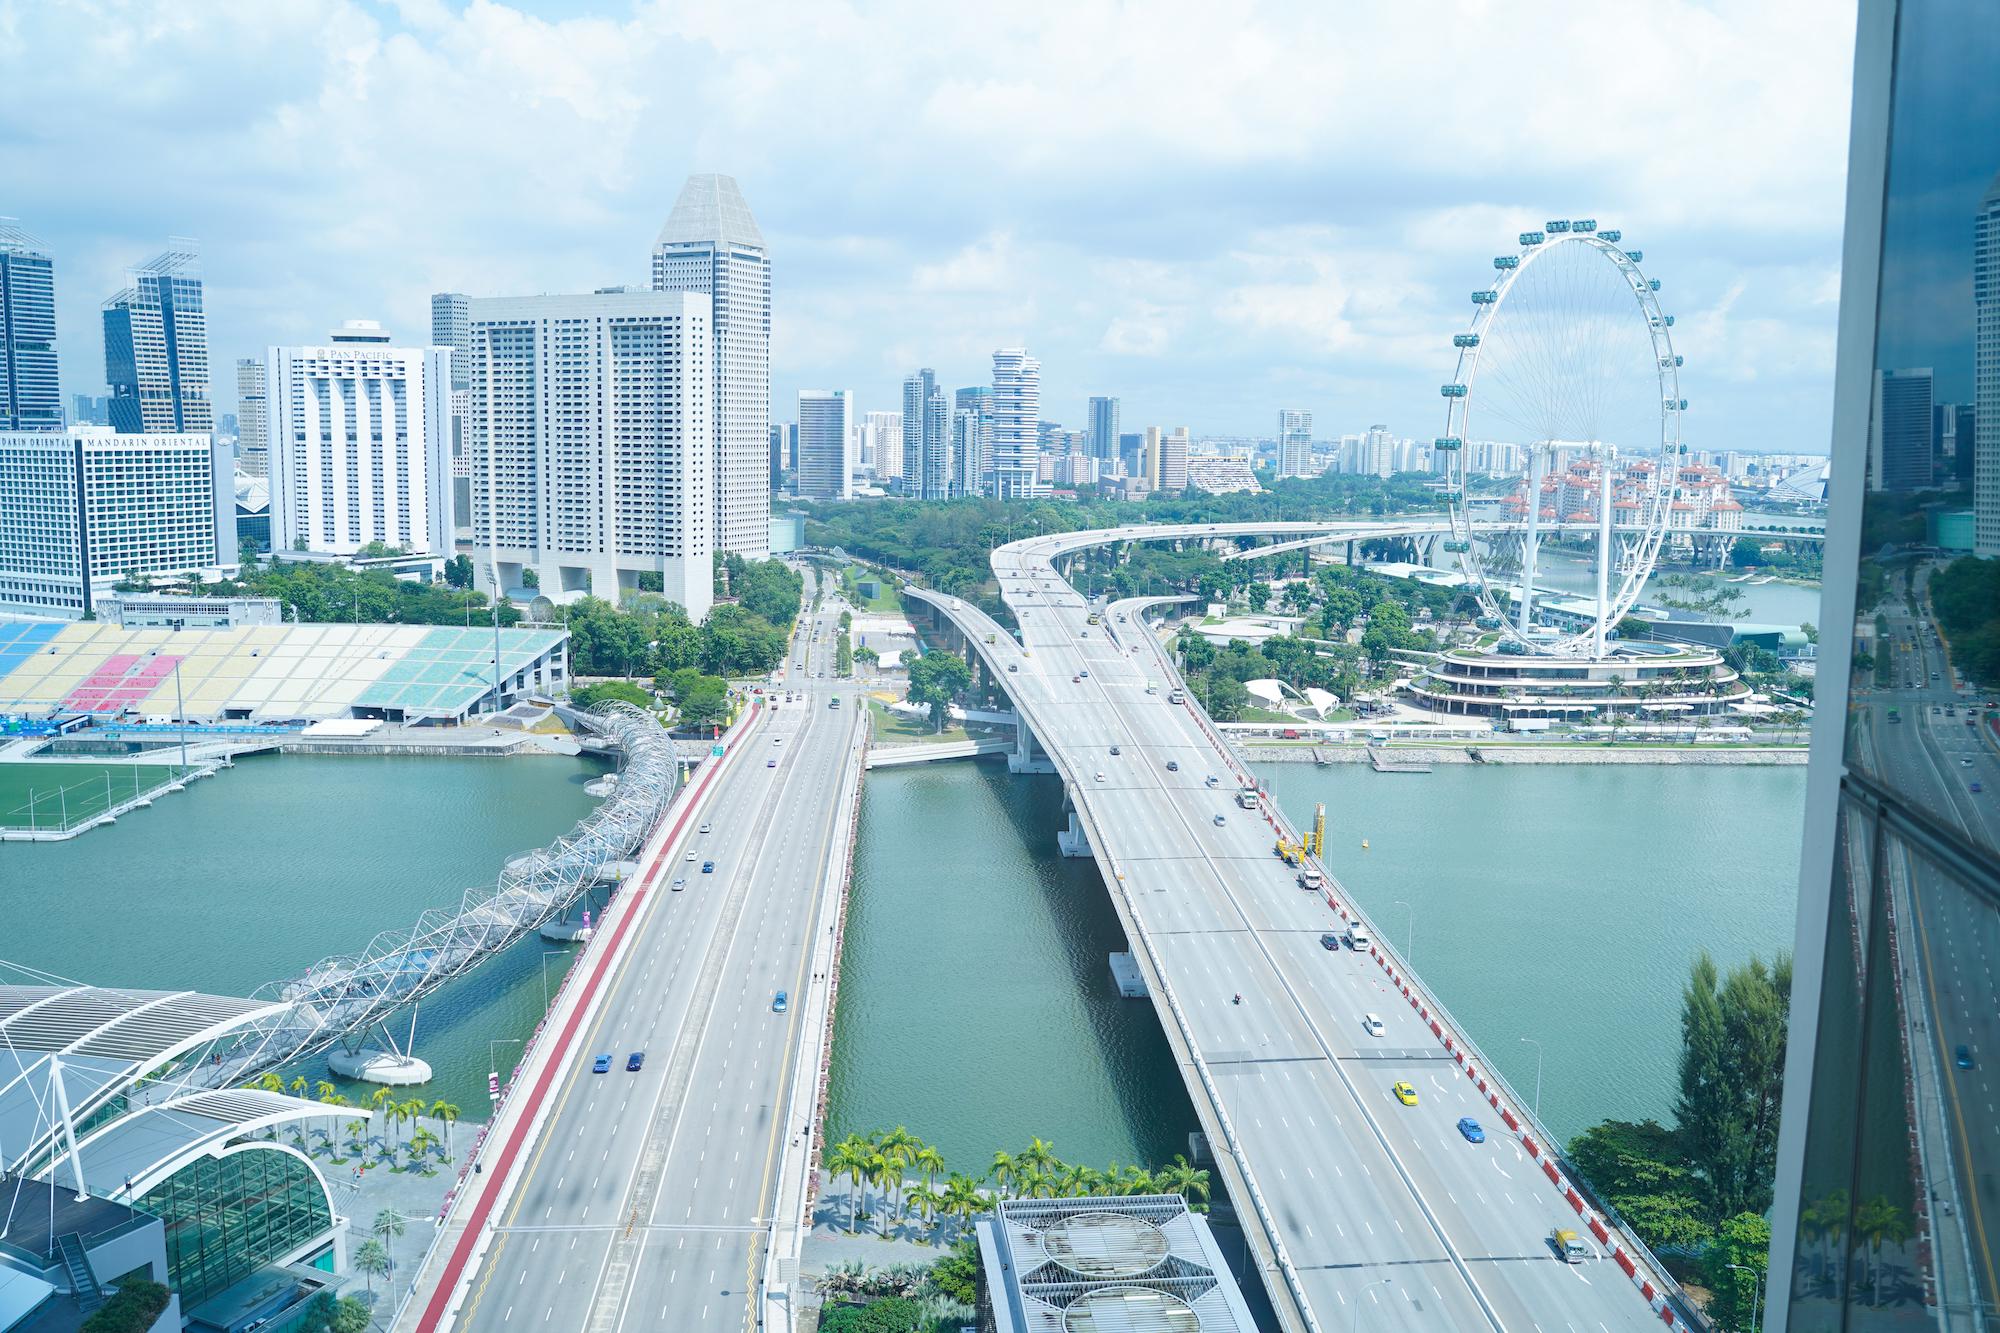 シンガポールのホテル「マリーナベイ・サンズ」から東方面を眺めた光景。/2019年11月30日:撮影:SHUN ONLINE